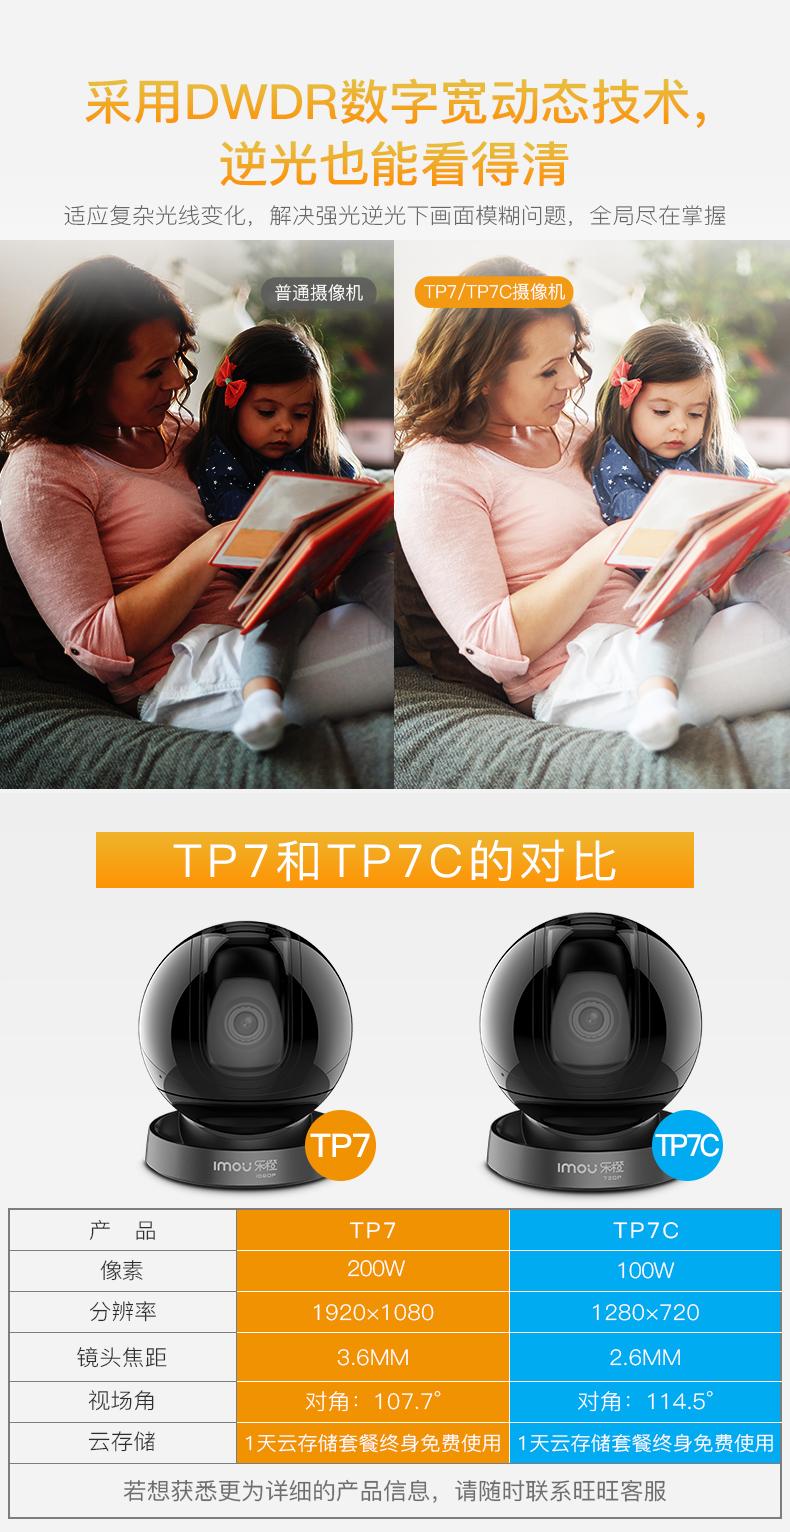 TP7-TP7C-790_11.jpg